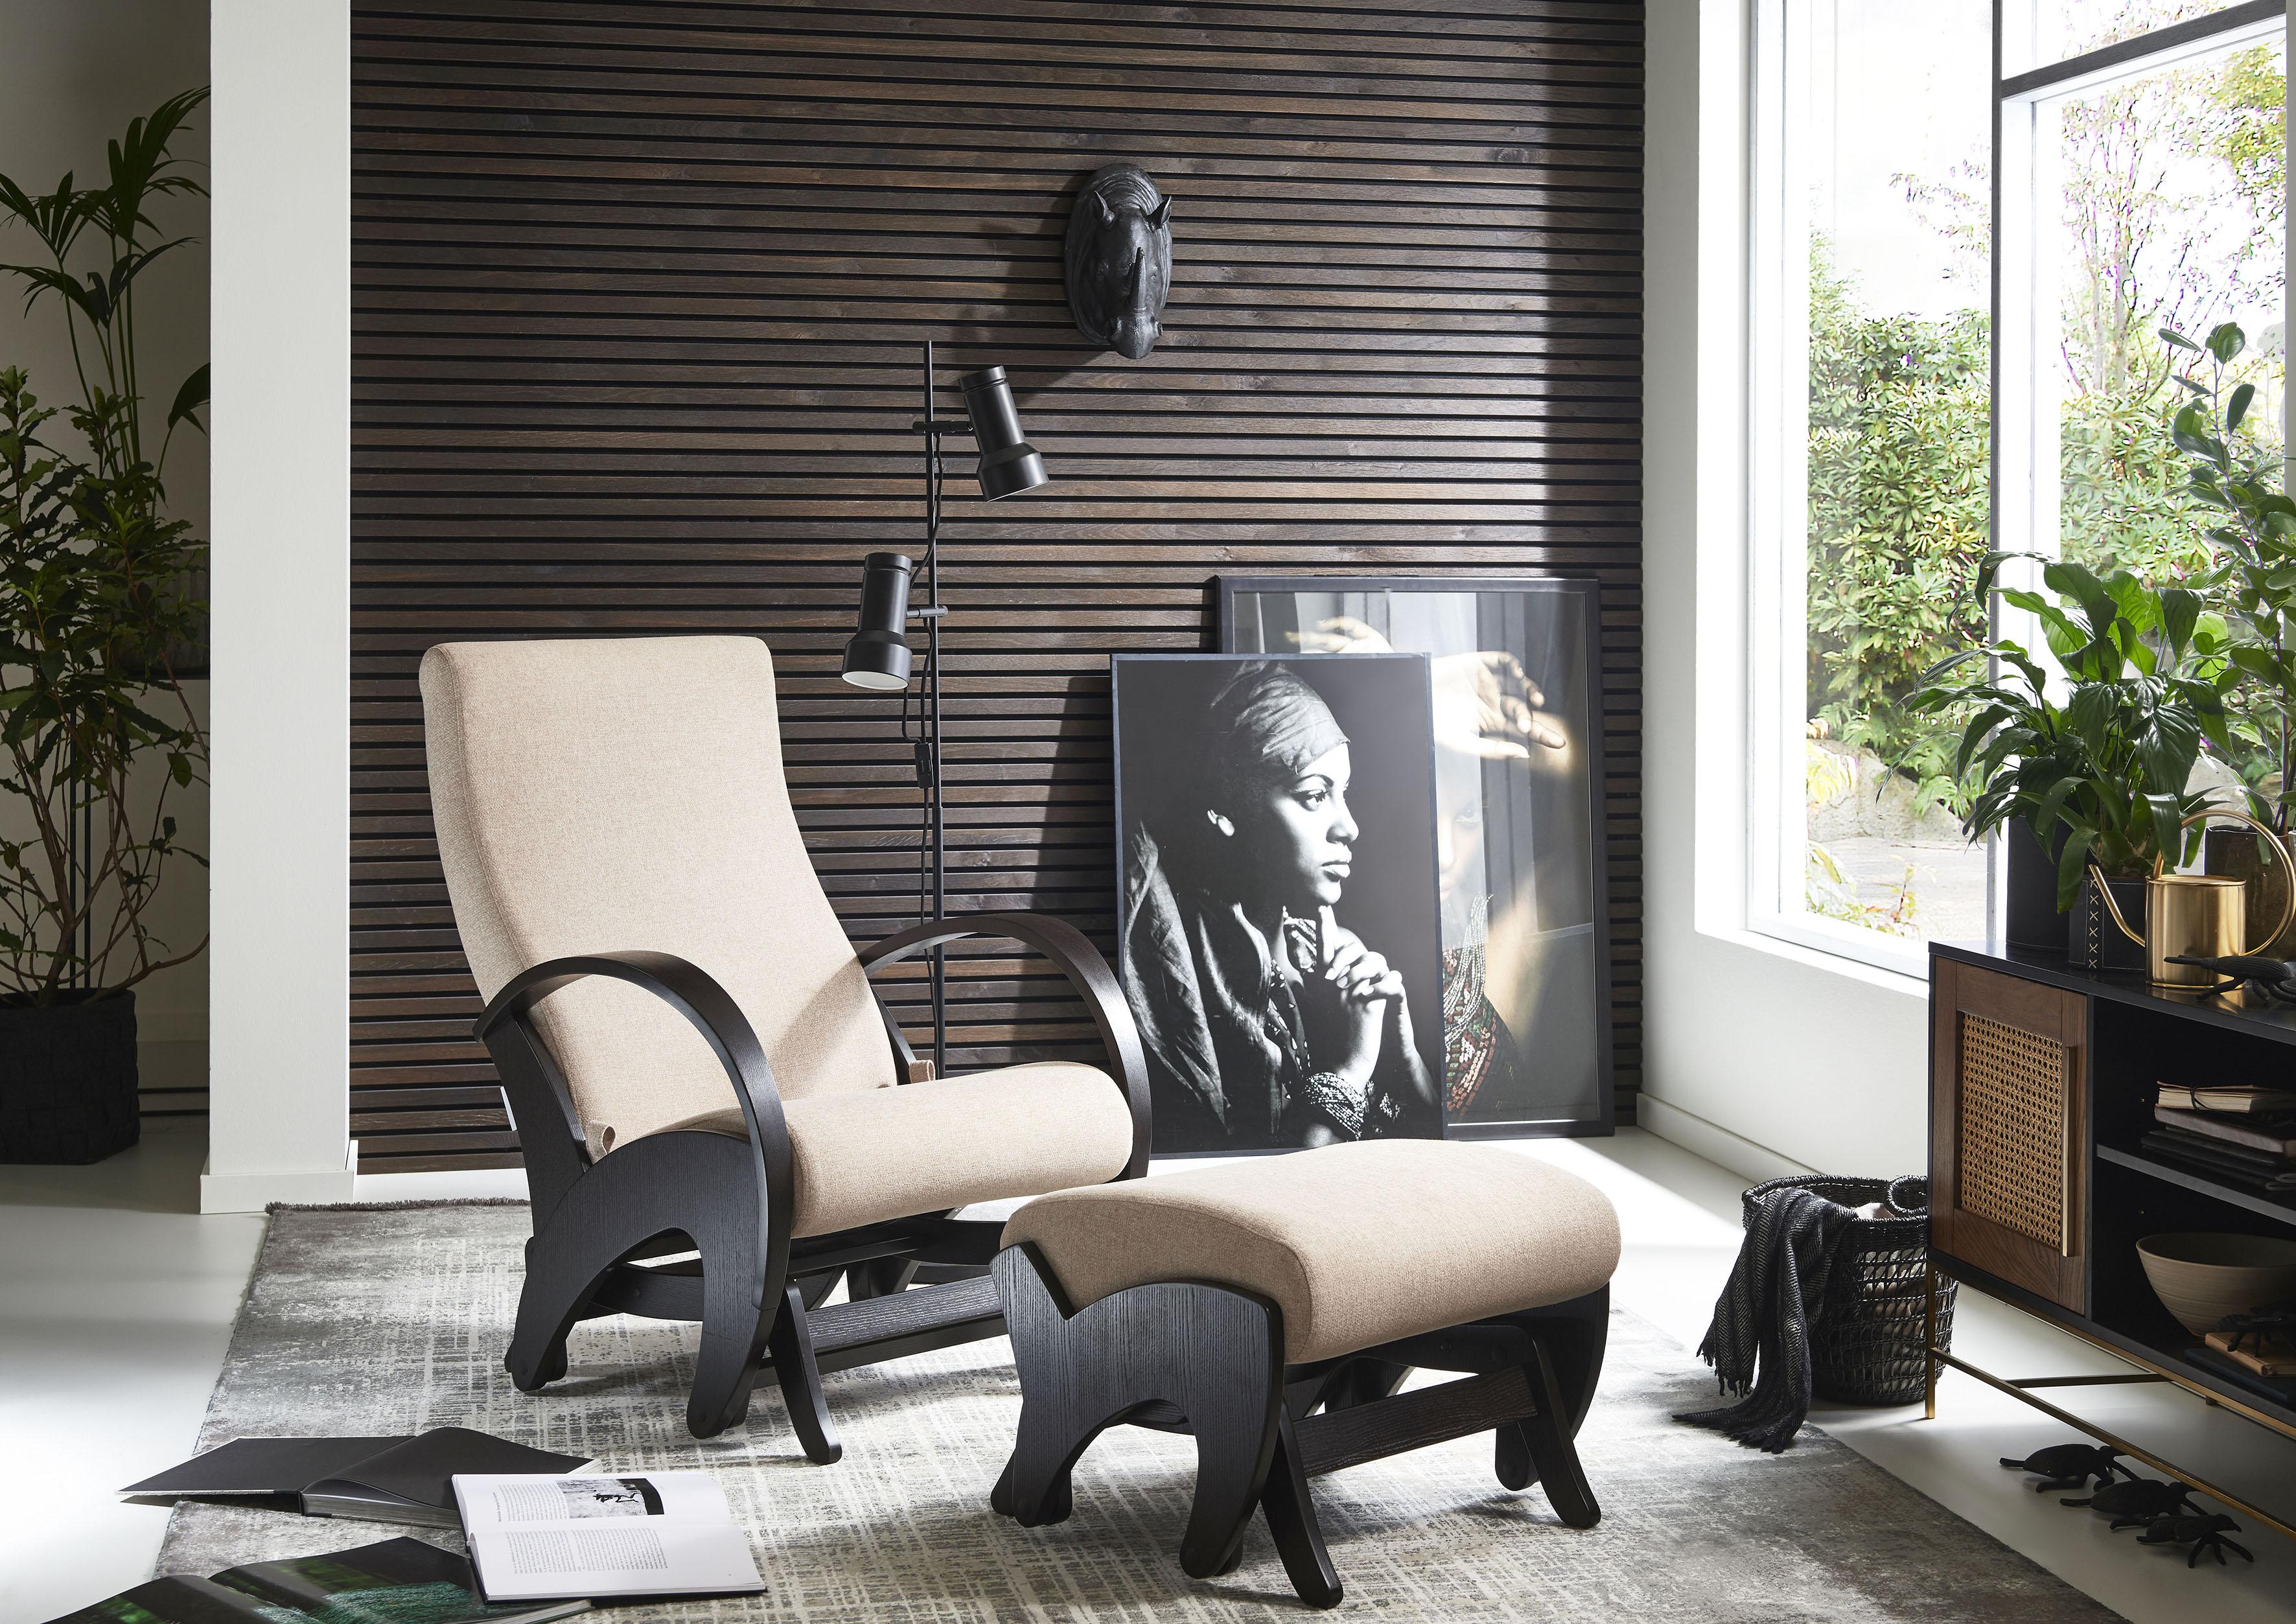 Atlantic Home Collection Relaxsessel Set Sessel Hocker Moebel Suchmaschine Ladendirekt De